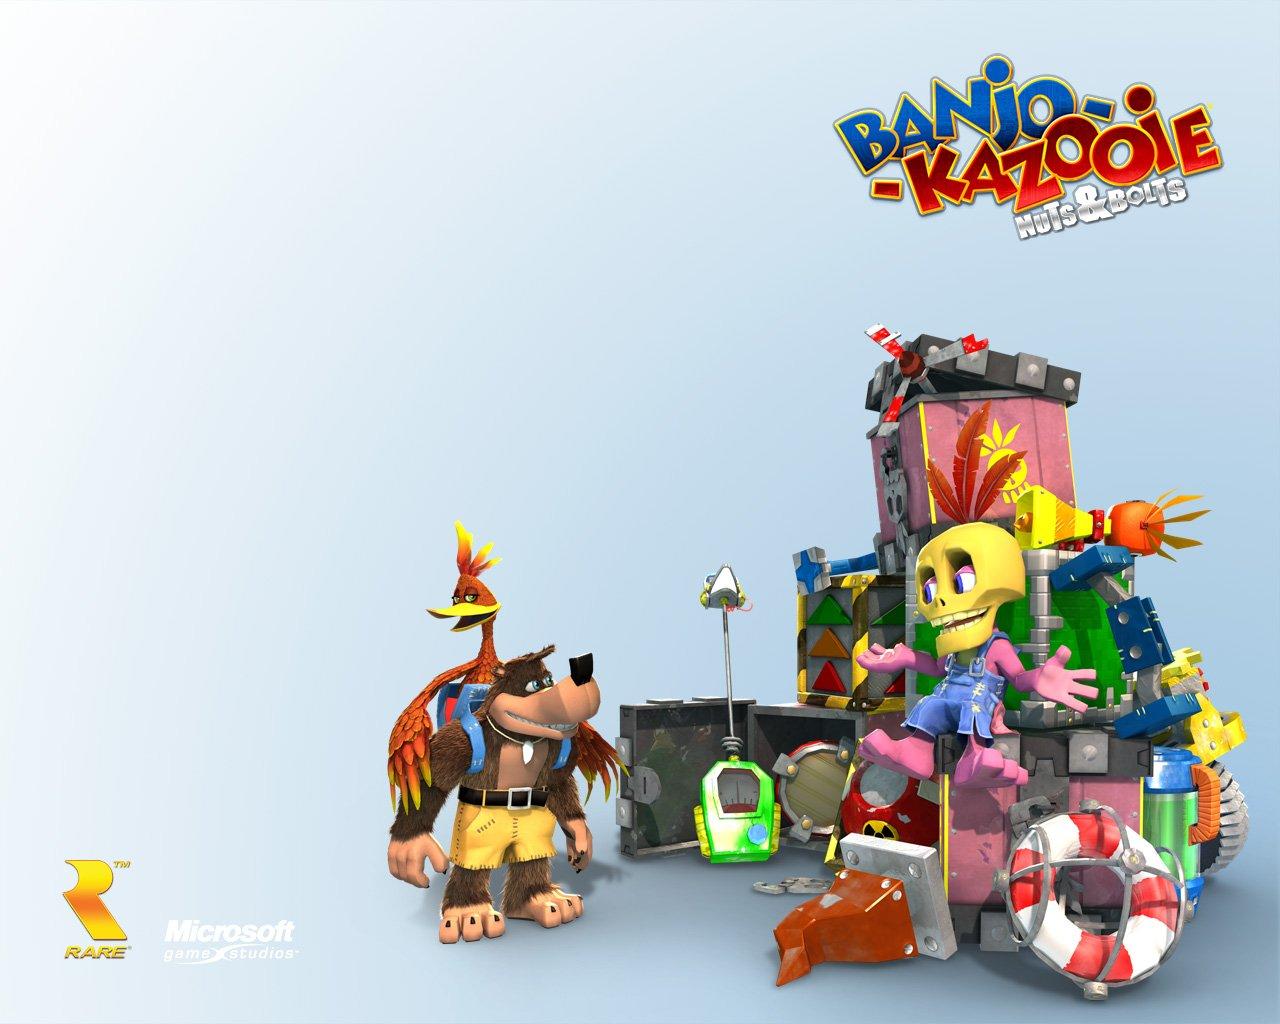 Ветераны Rare объявили о разработке духовного наследника Banjo-Kazooie  - Изображение 2